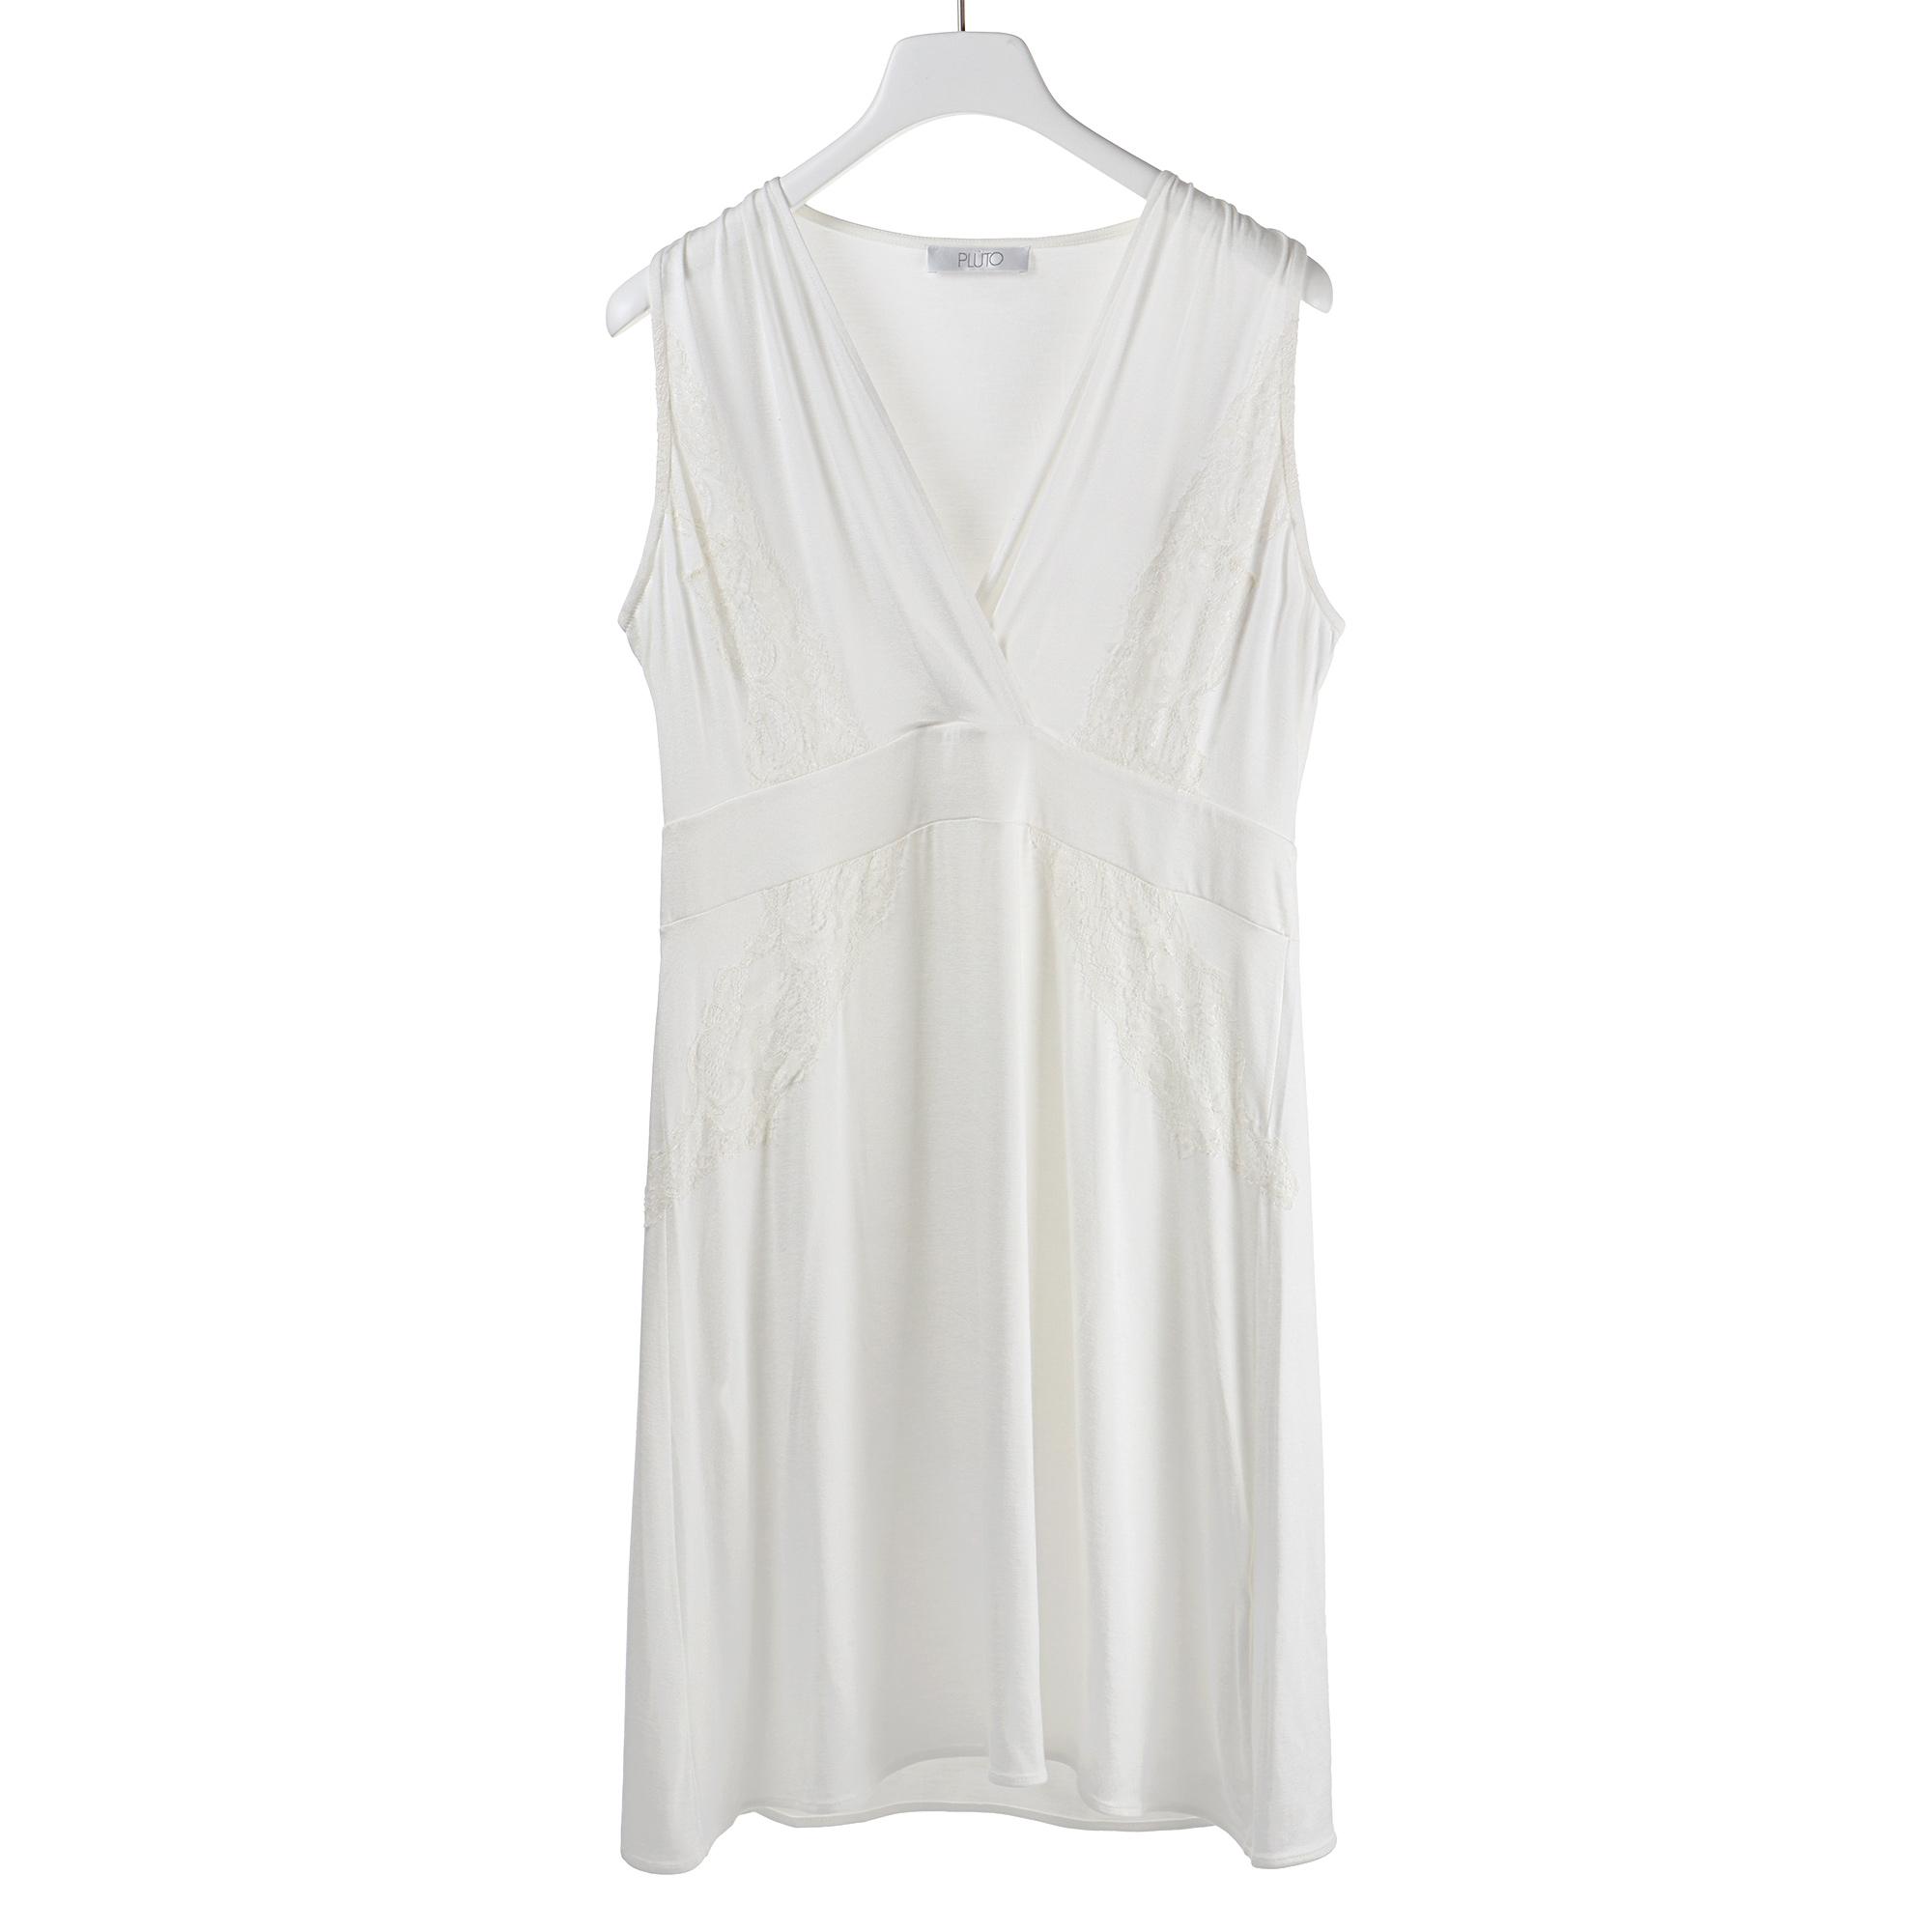 Платье женское для дома Pluto трикотажное, отделка кружевом S недорого